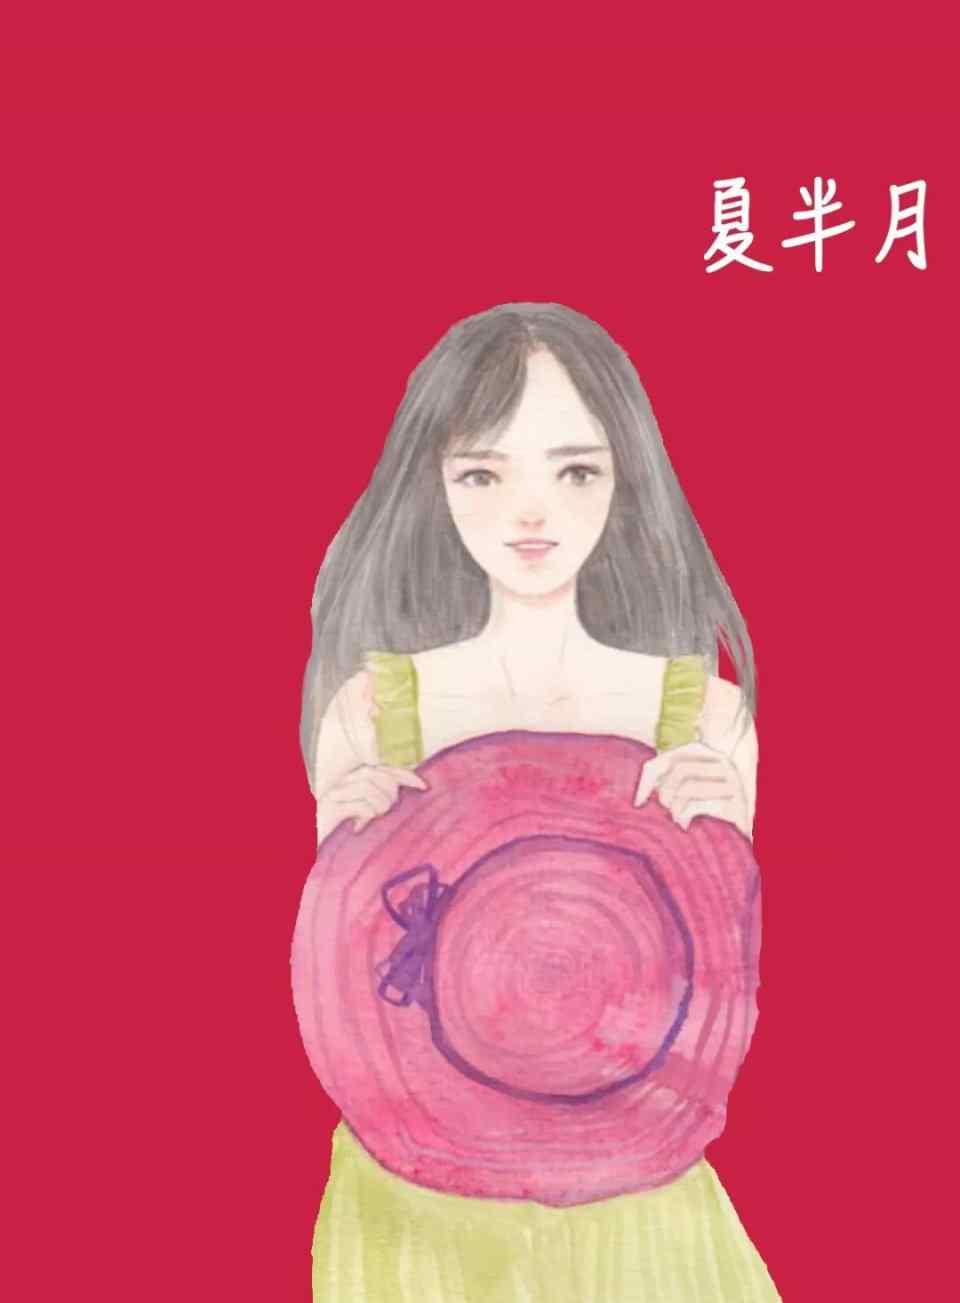 一个睡眠治疗师的手记:我嫁给了自己的病人(上)